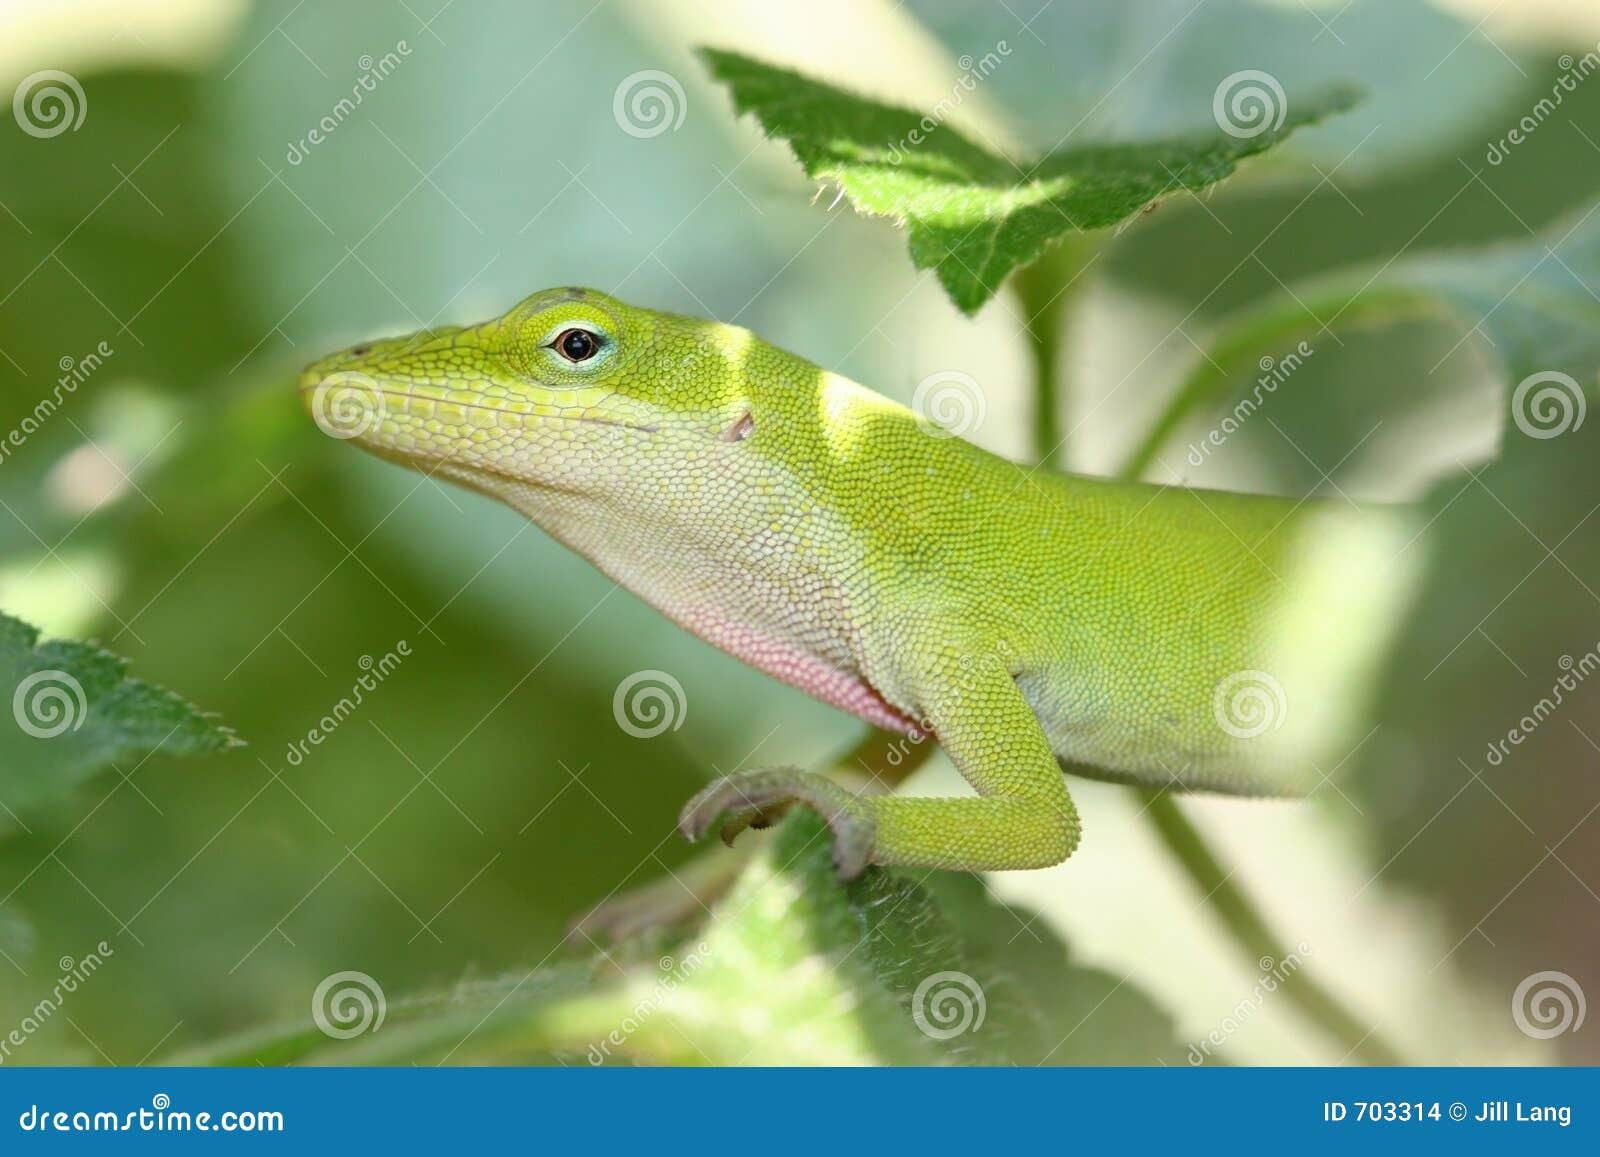 Anole verde